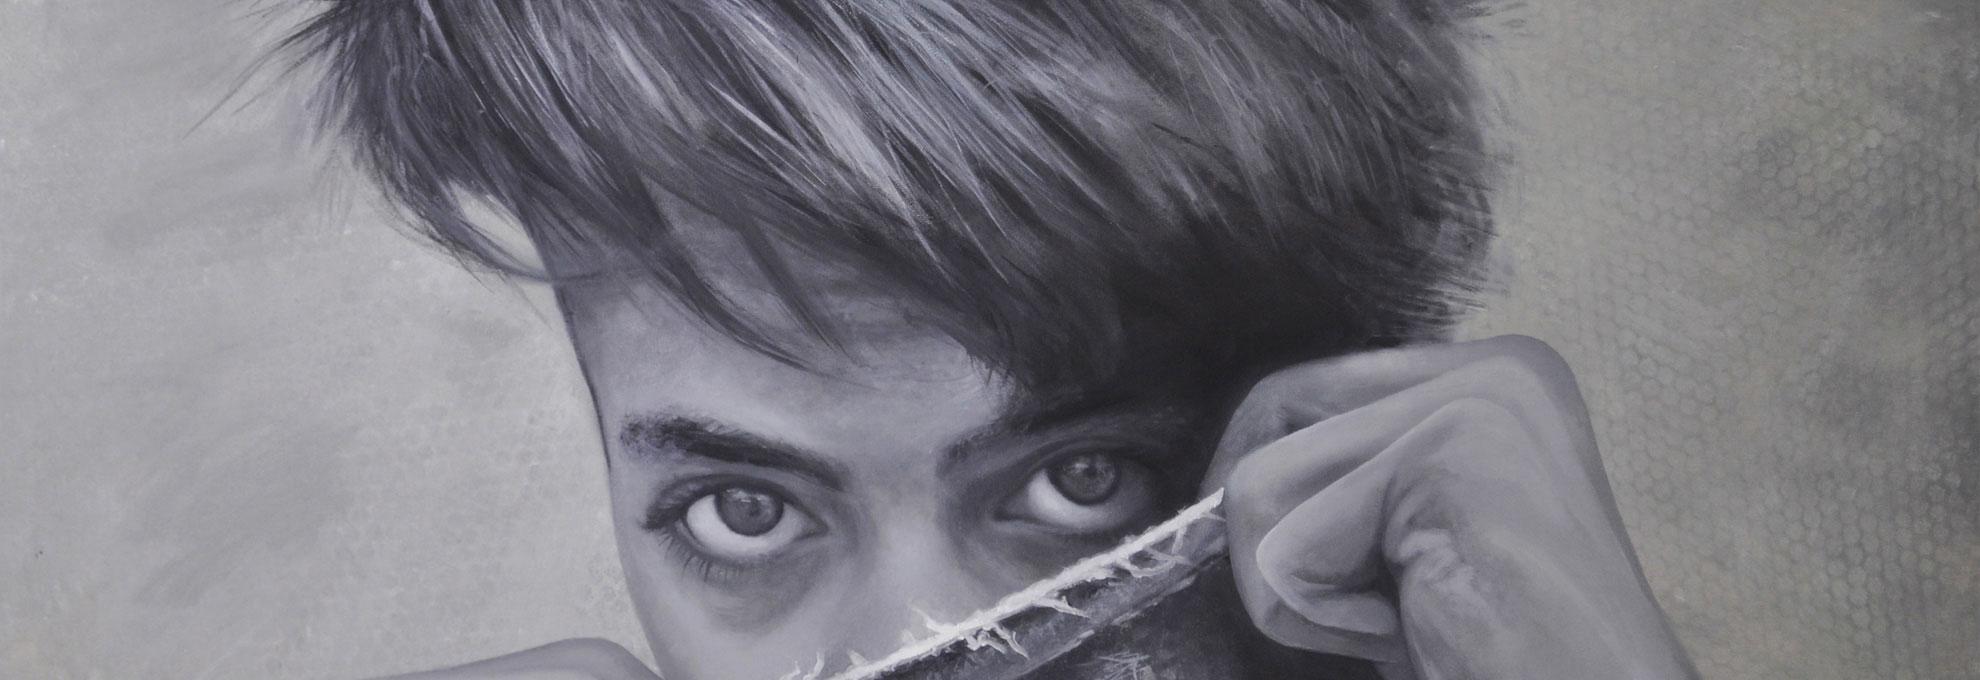 Erwachen - Gemälde vom Künstler Mario Wolf 2018